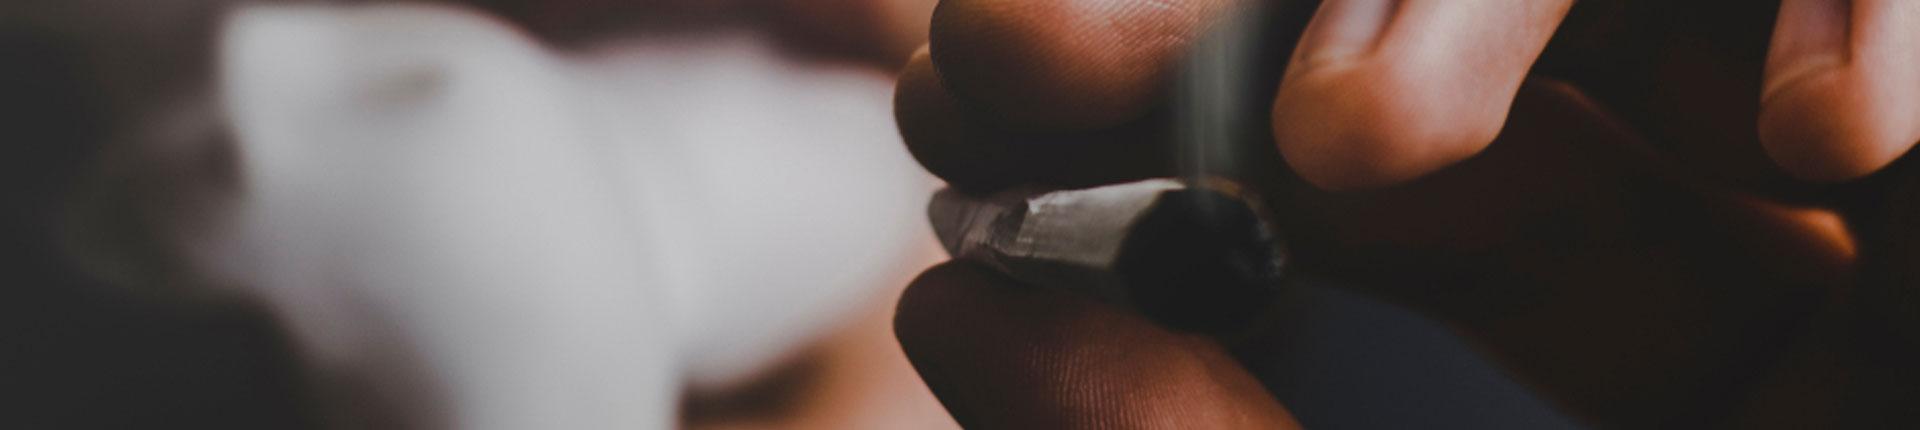 Marihuana - wpływ na zdrowie  sportowca i formę osoby aktywnej